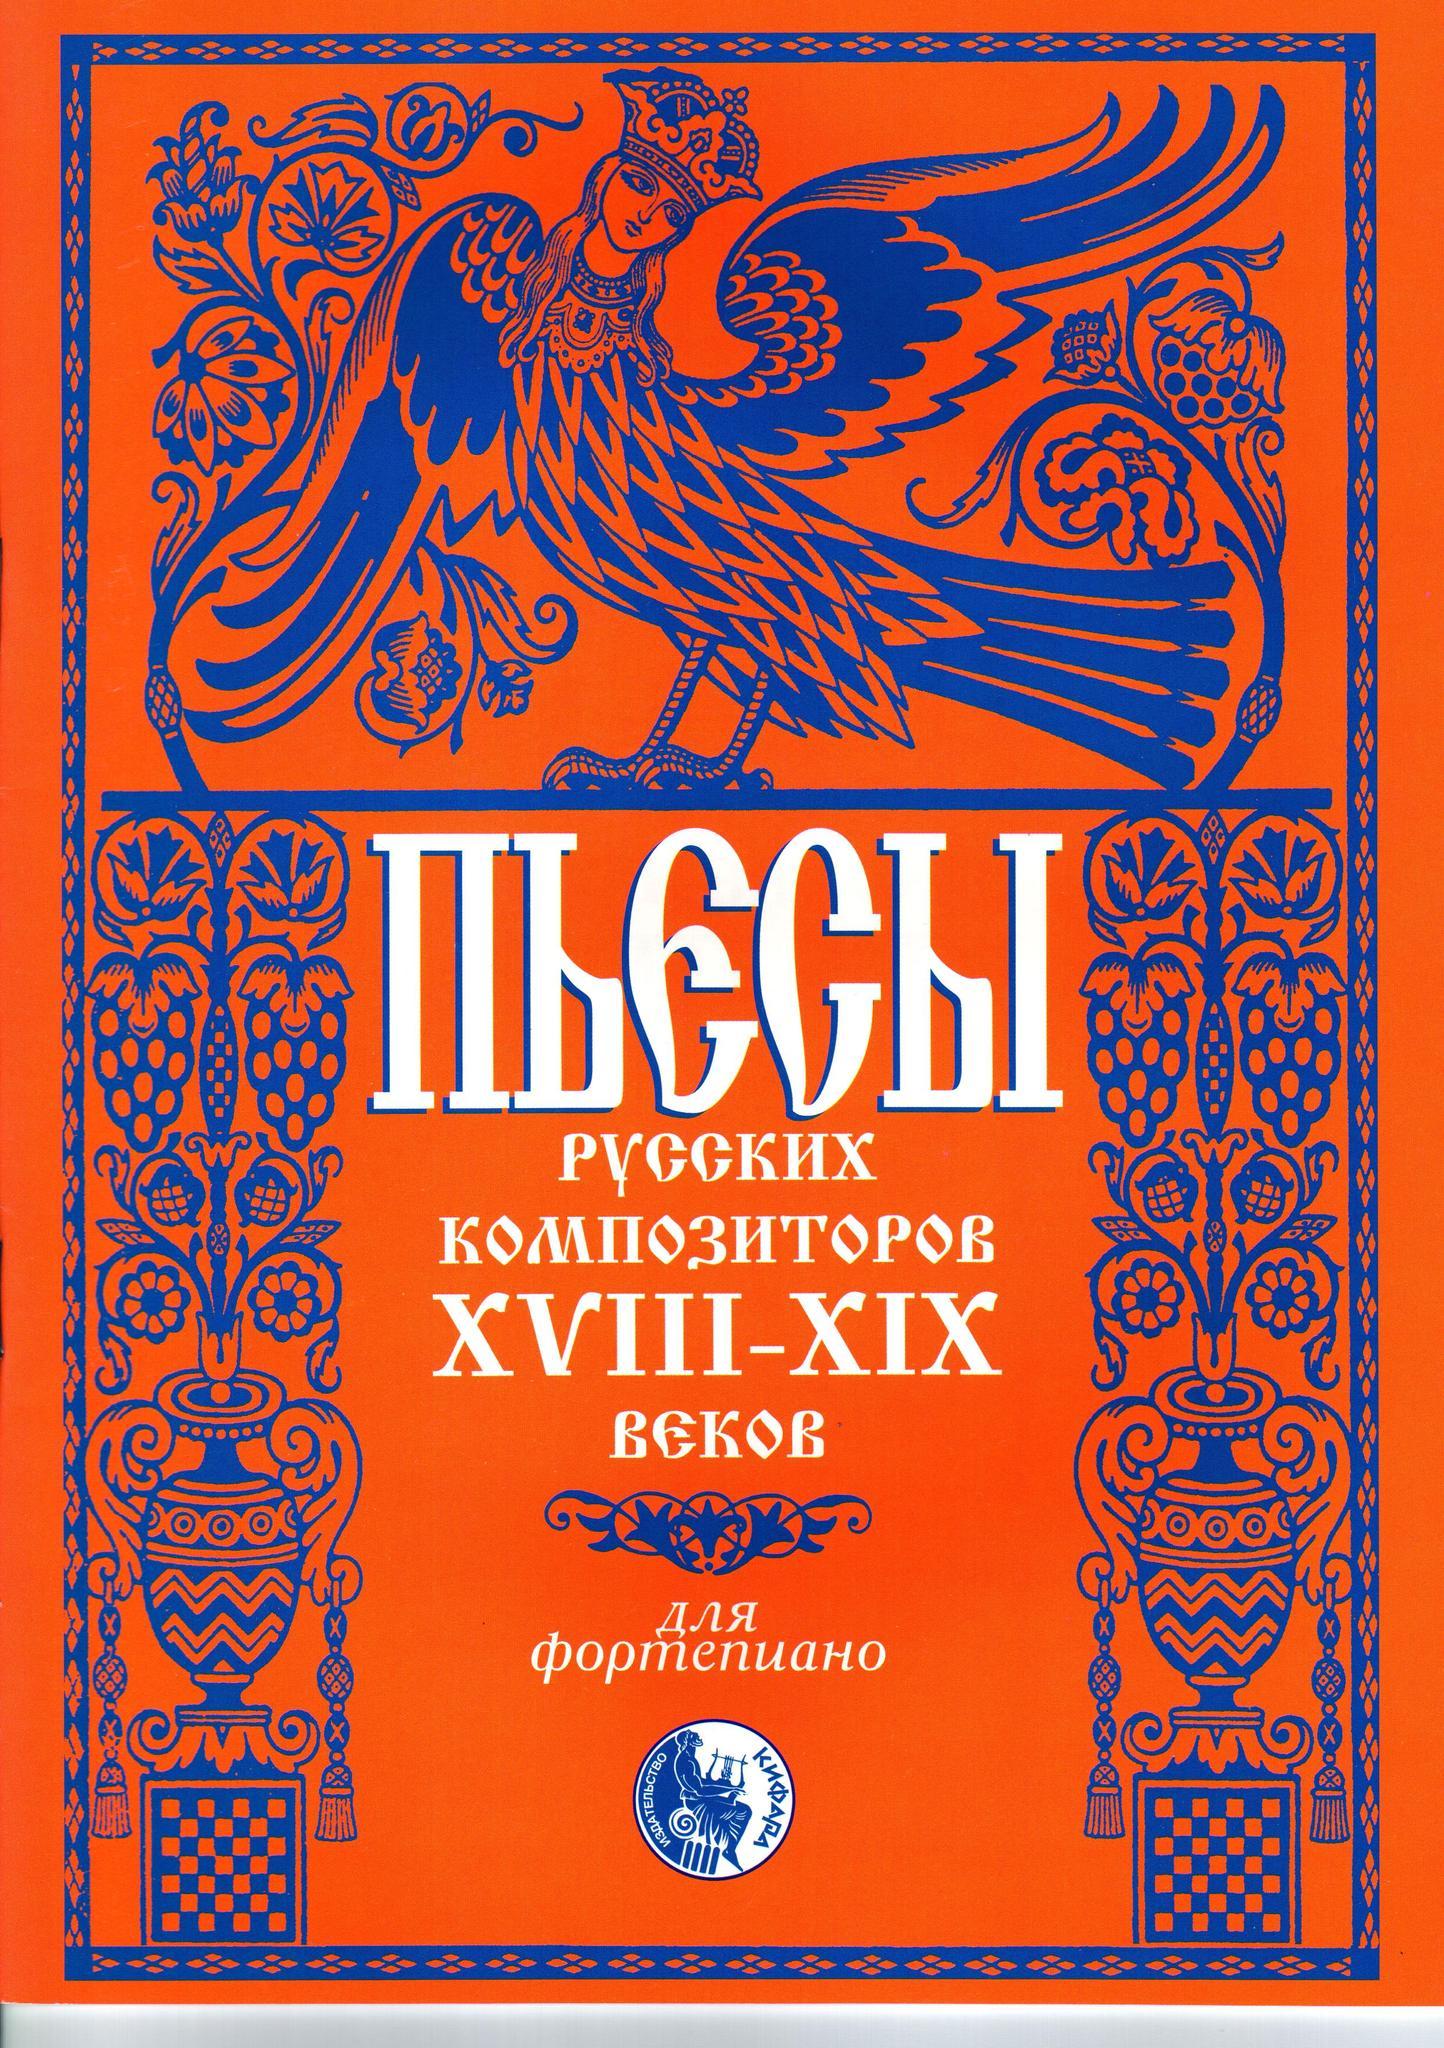 Пьесы русских композиторов XVIII-XIX веков.